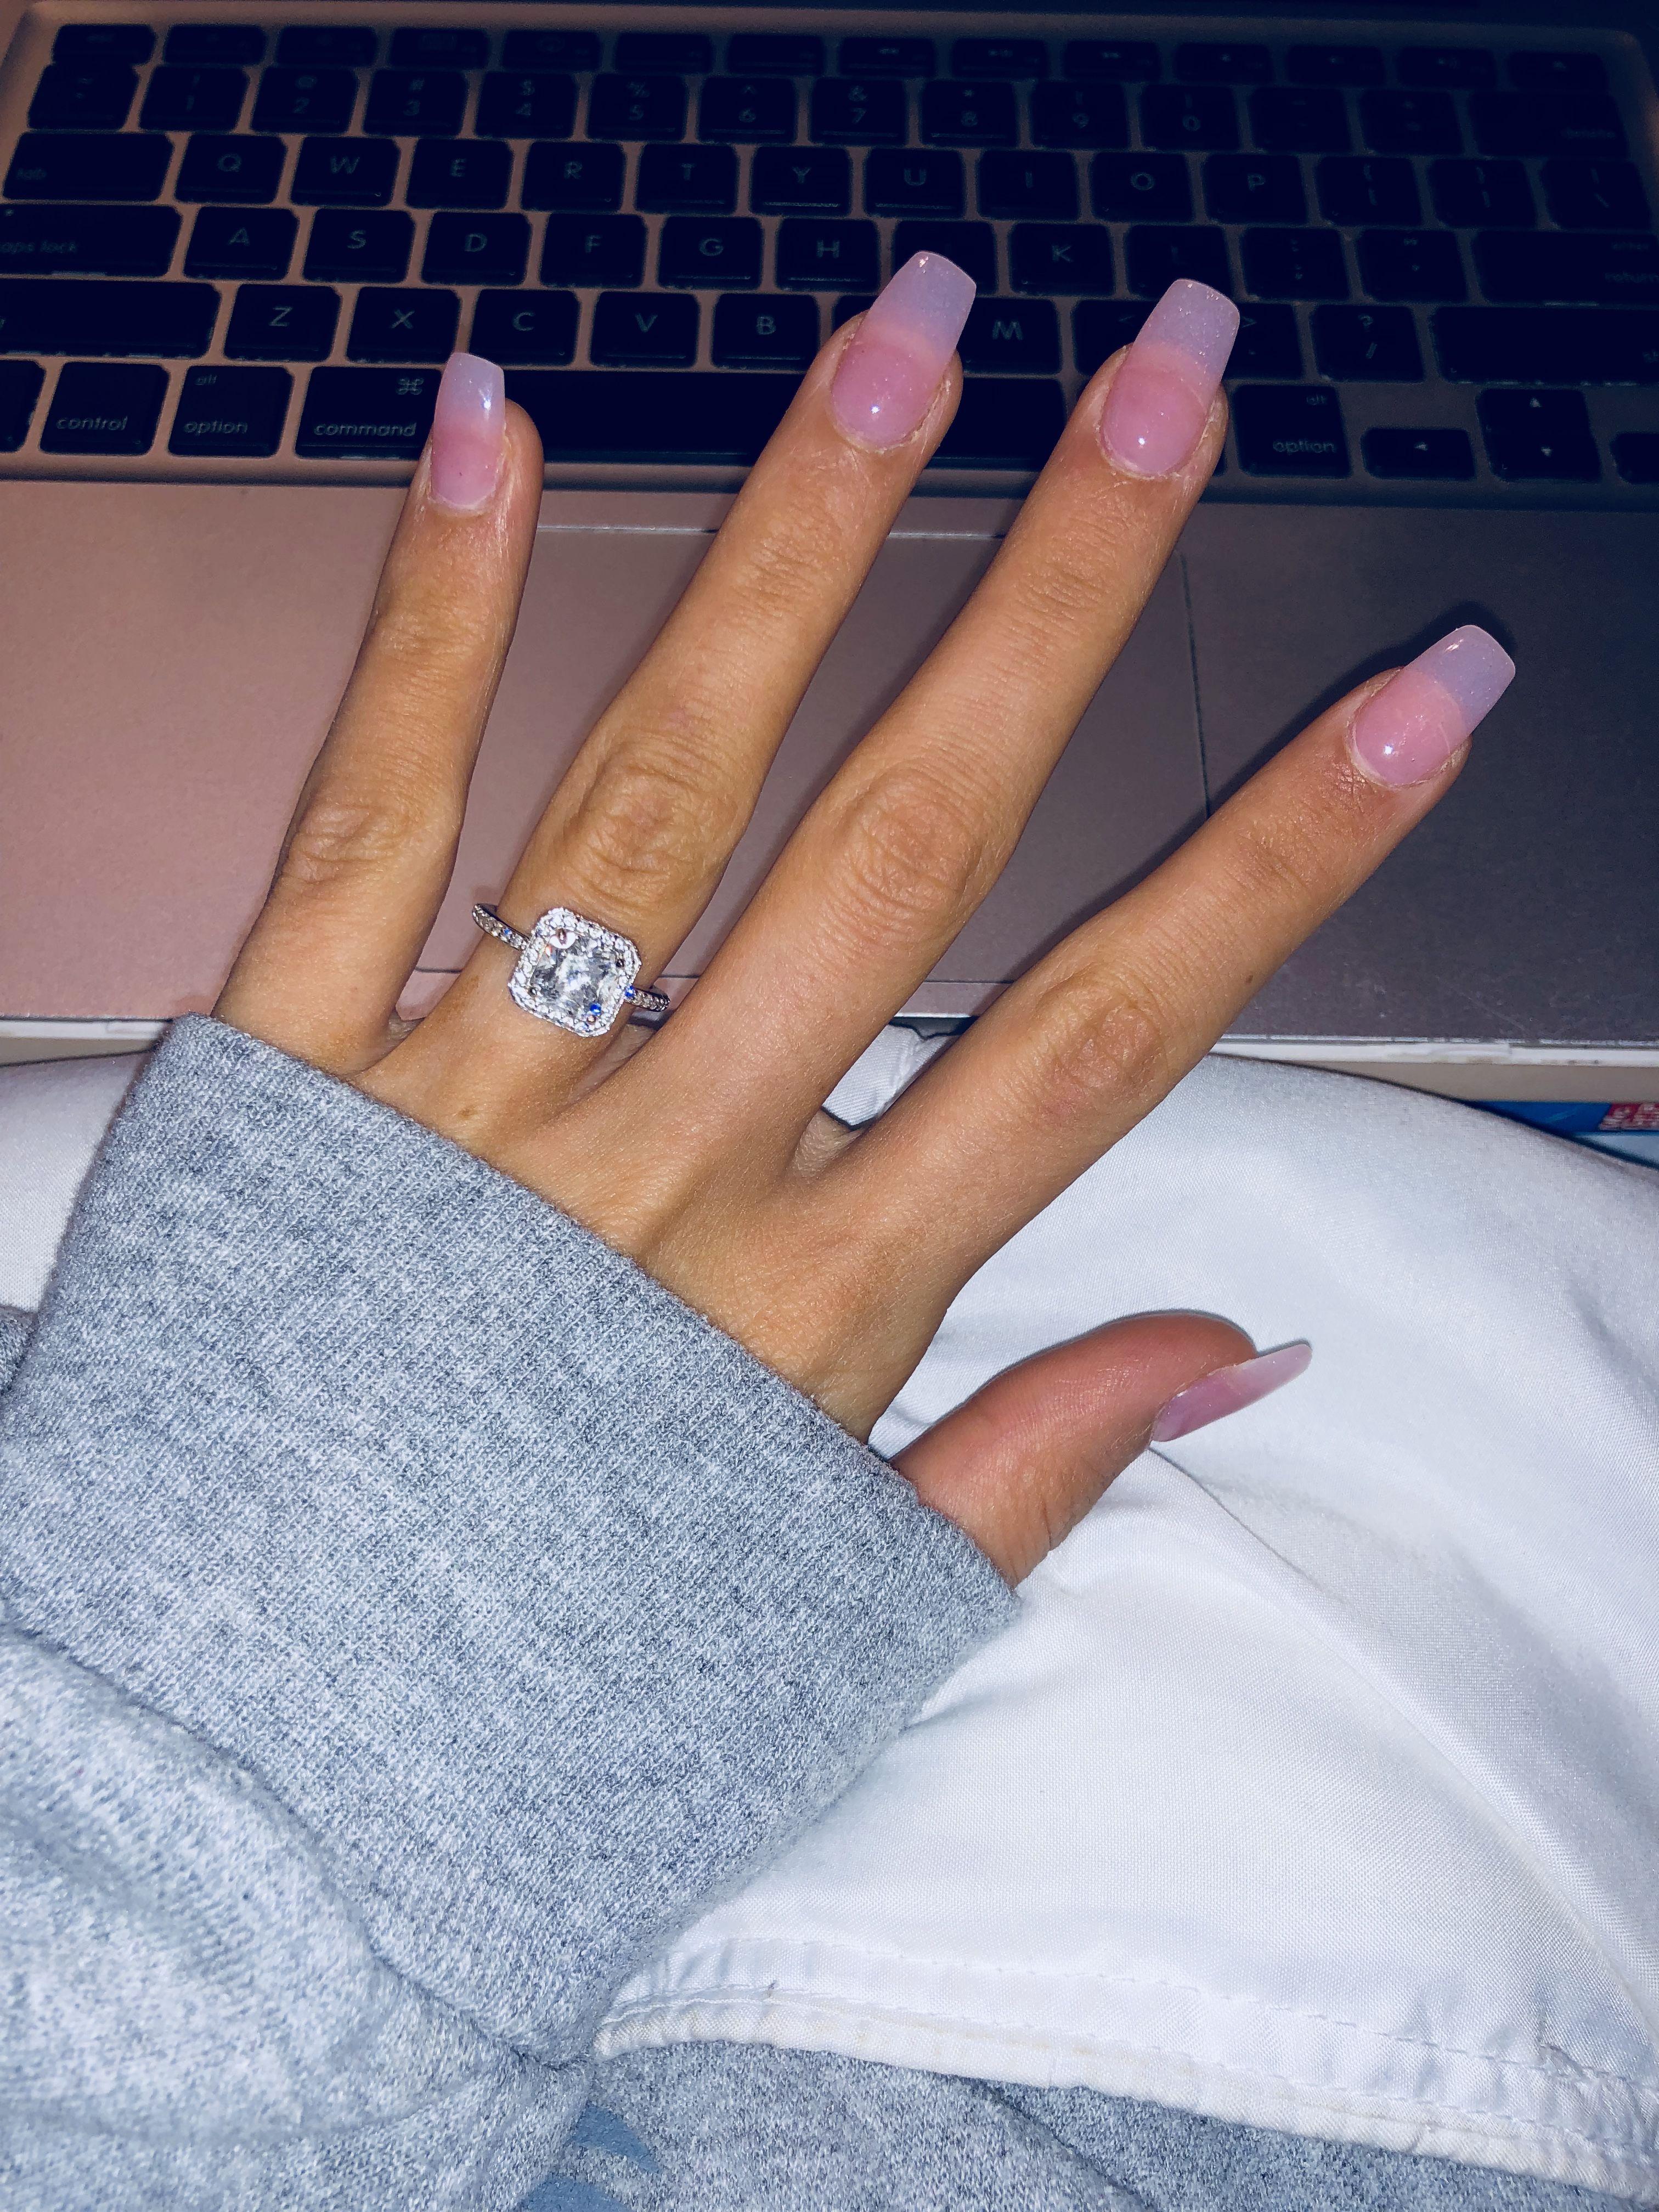 Natural Pink Acrylic Sns Powder Coffin Nails Pink Powder Nails Pink Acrylic Nails Pink Clear Nails